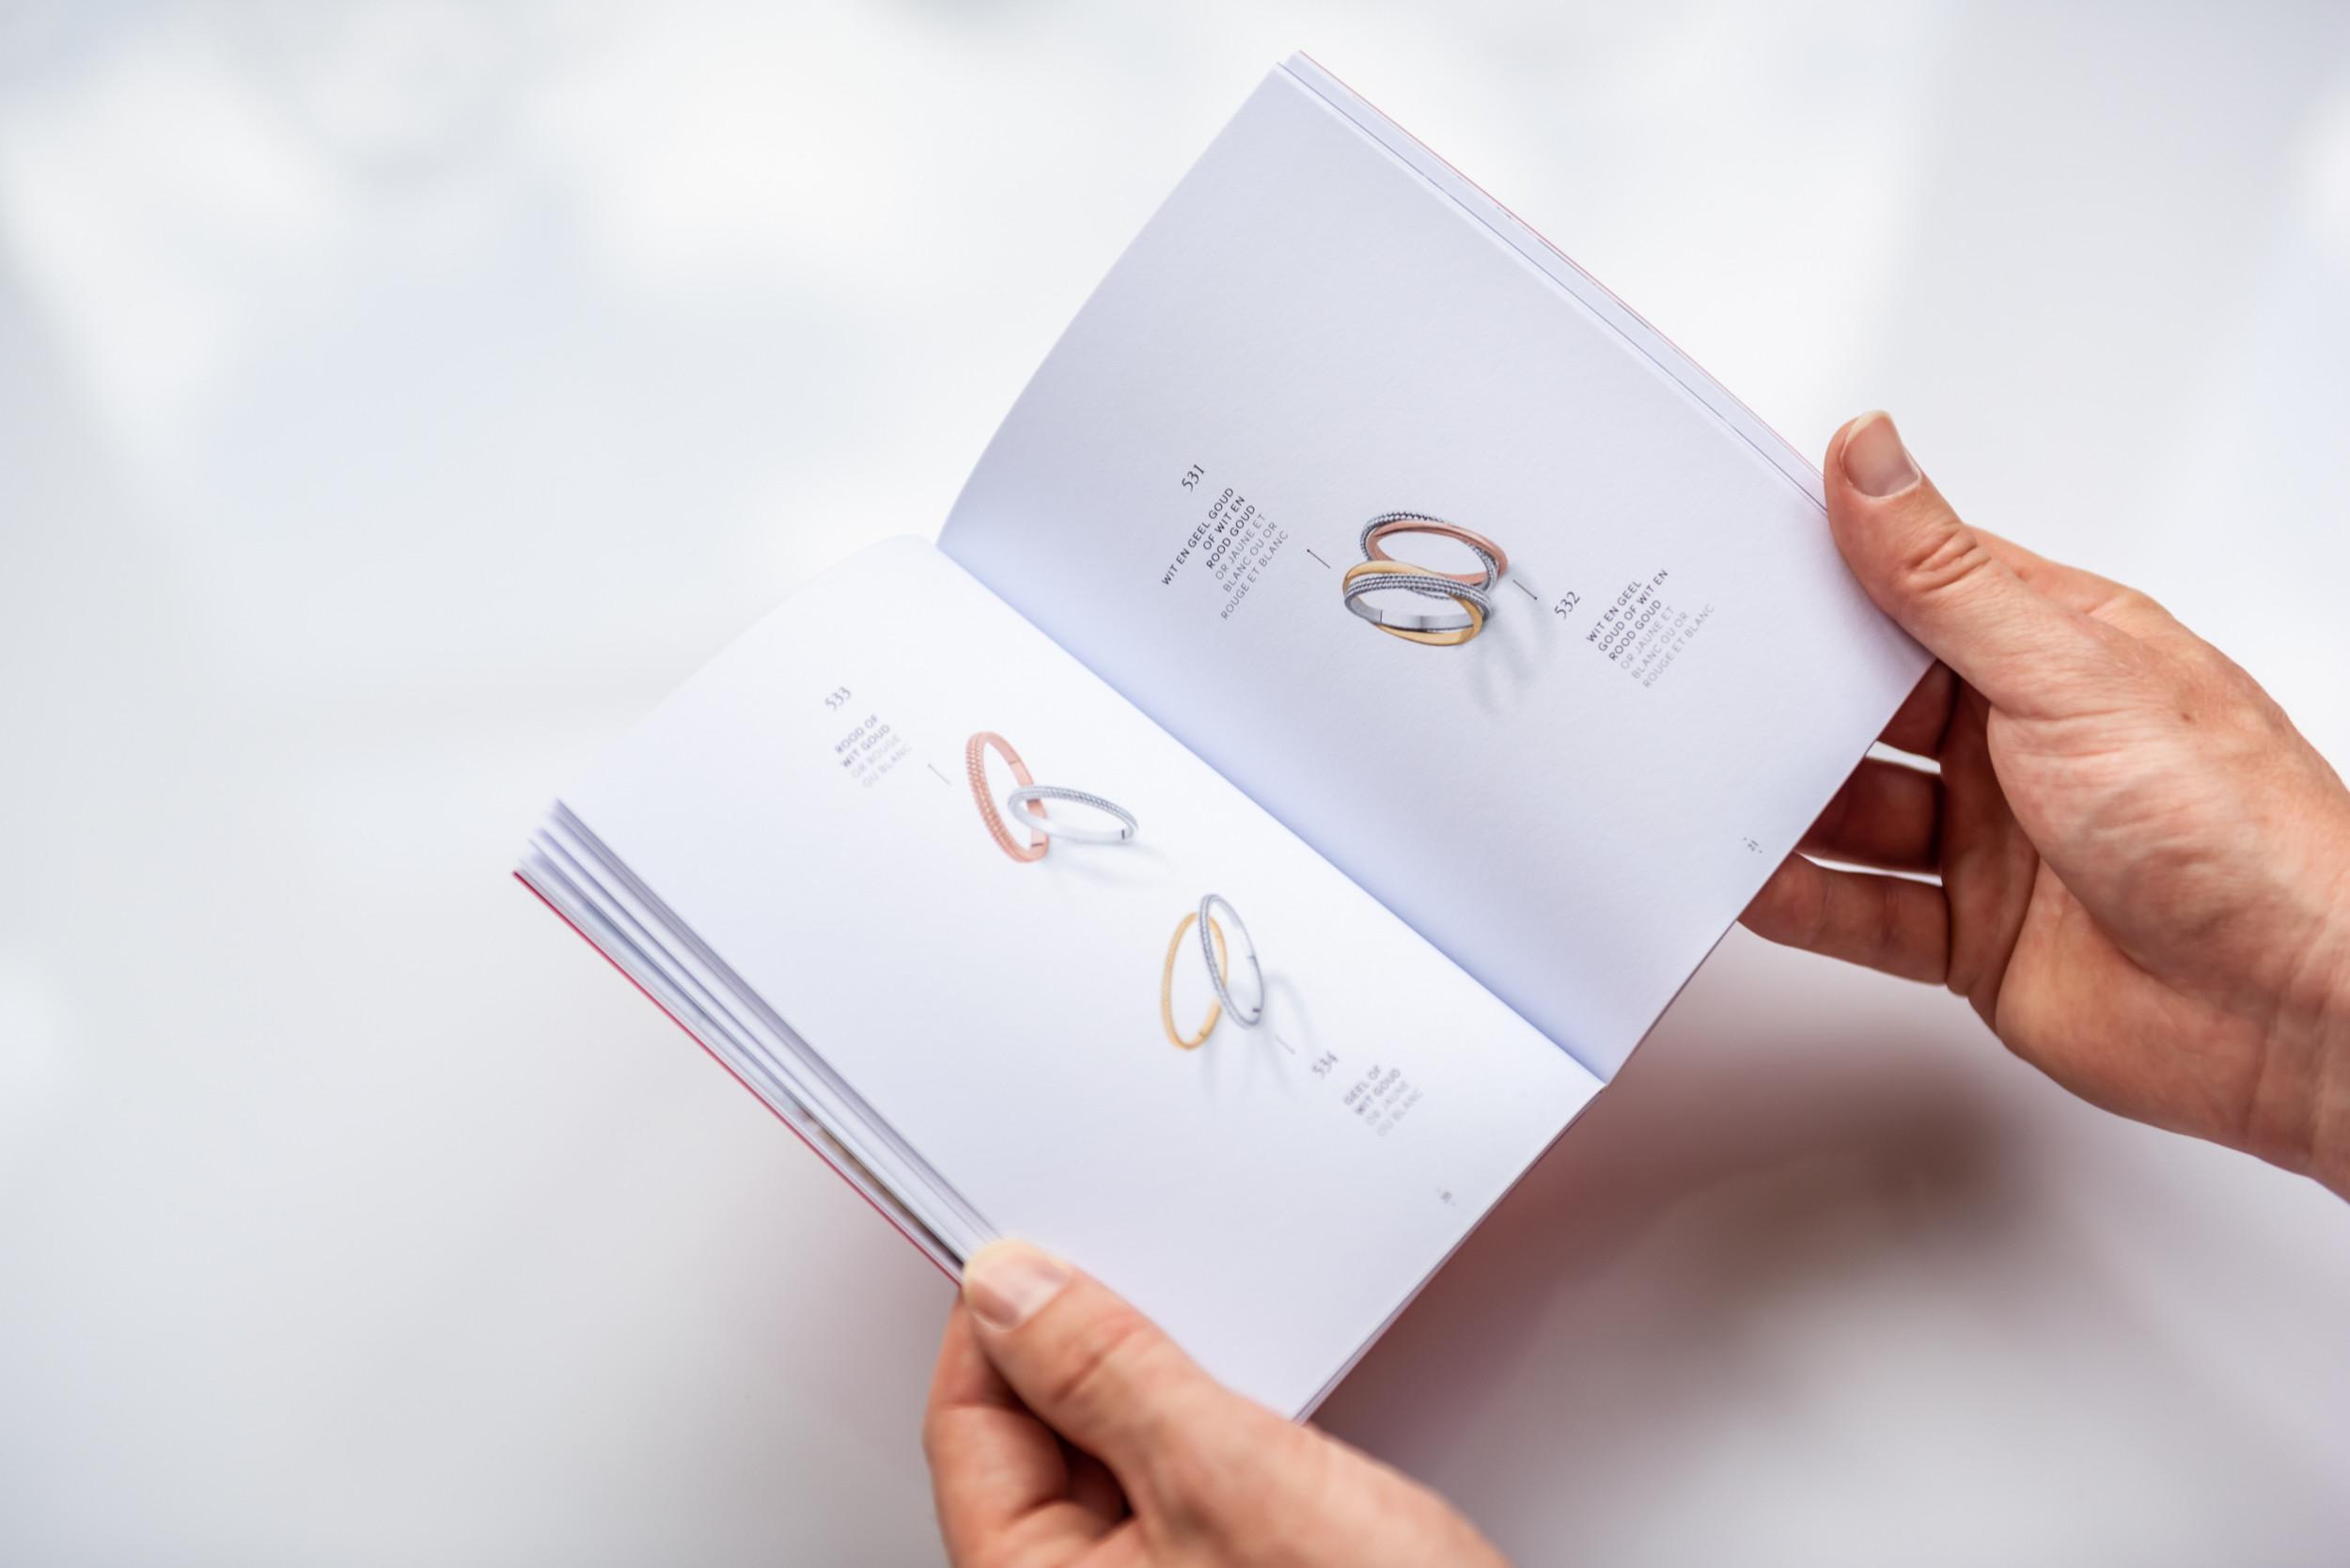 Door het sterke gebruik van witruimtes, komen de trouwringen perfect tot hun recht in deze brochure